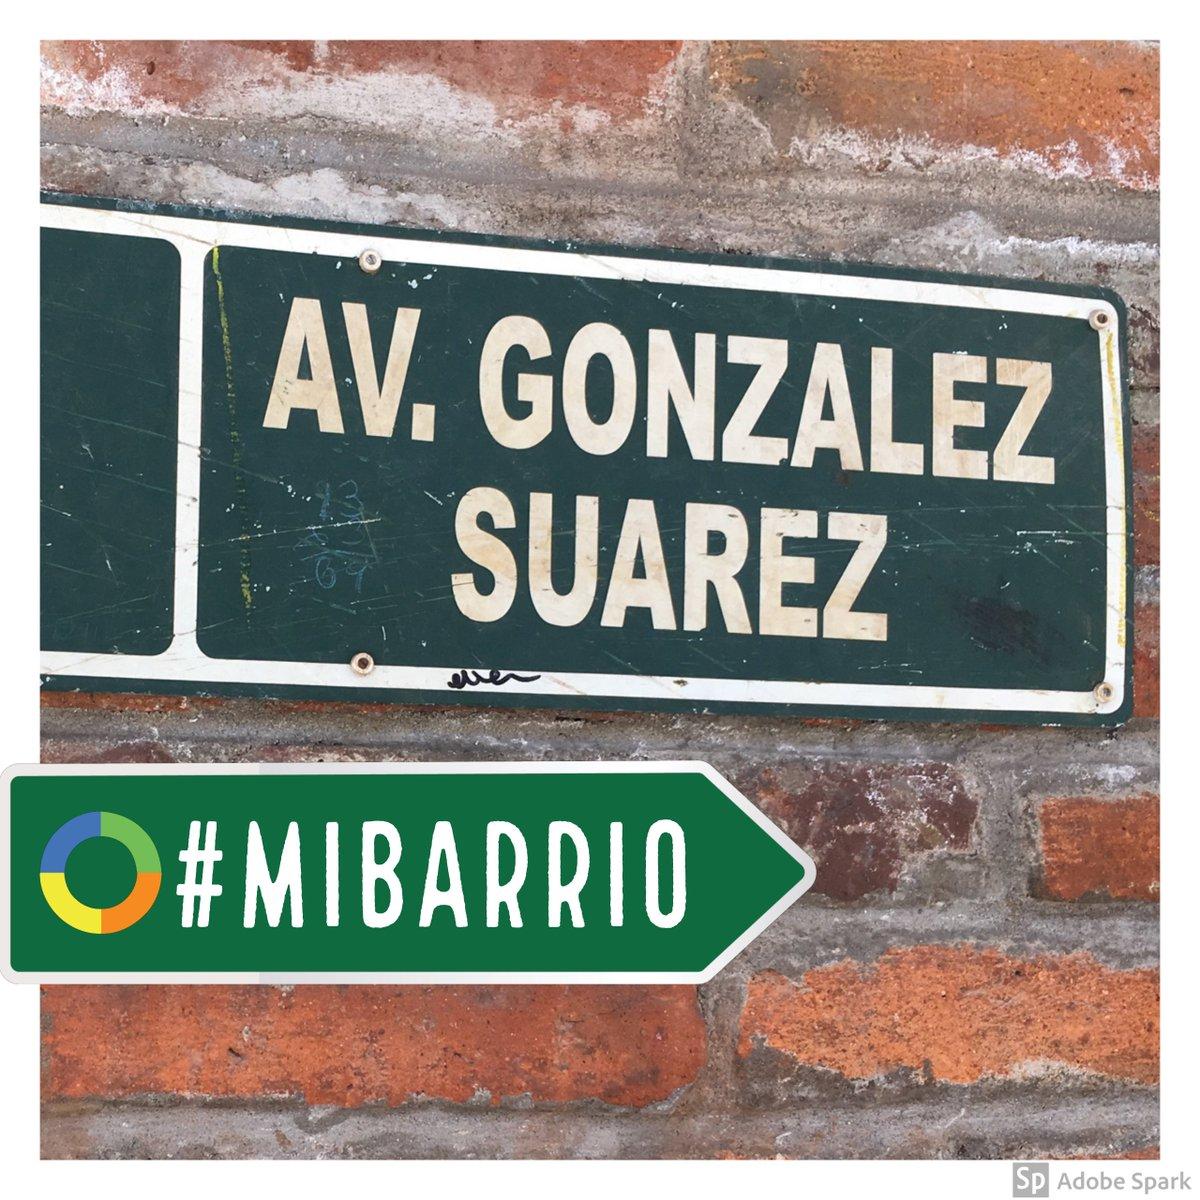 Alguien me preguntó si en la #GonzálezSuárez habrán historias suficientes como para hacer un medio dedicado al #barrio. Hasta ahora la respuesta es sí y ha sido apasionante. Ya estamos cerrando nuestro segundo número. pic.twitter.com/YmvmxRkvxT